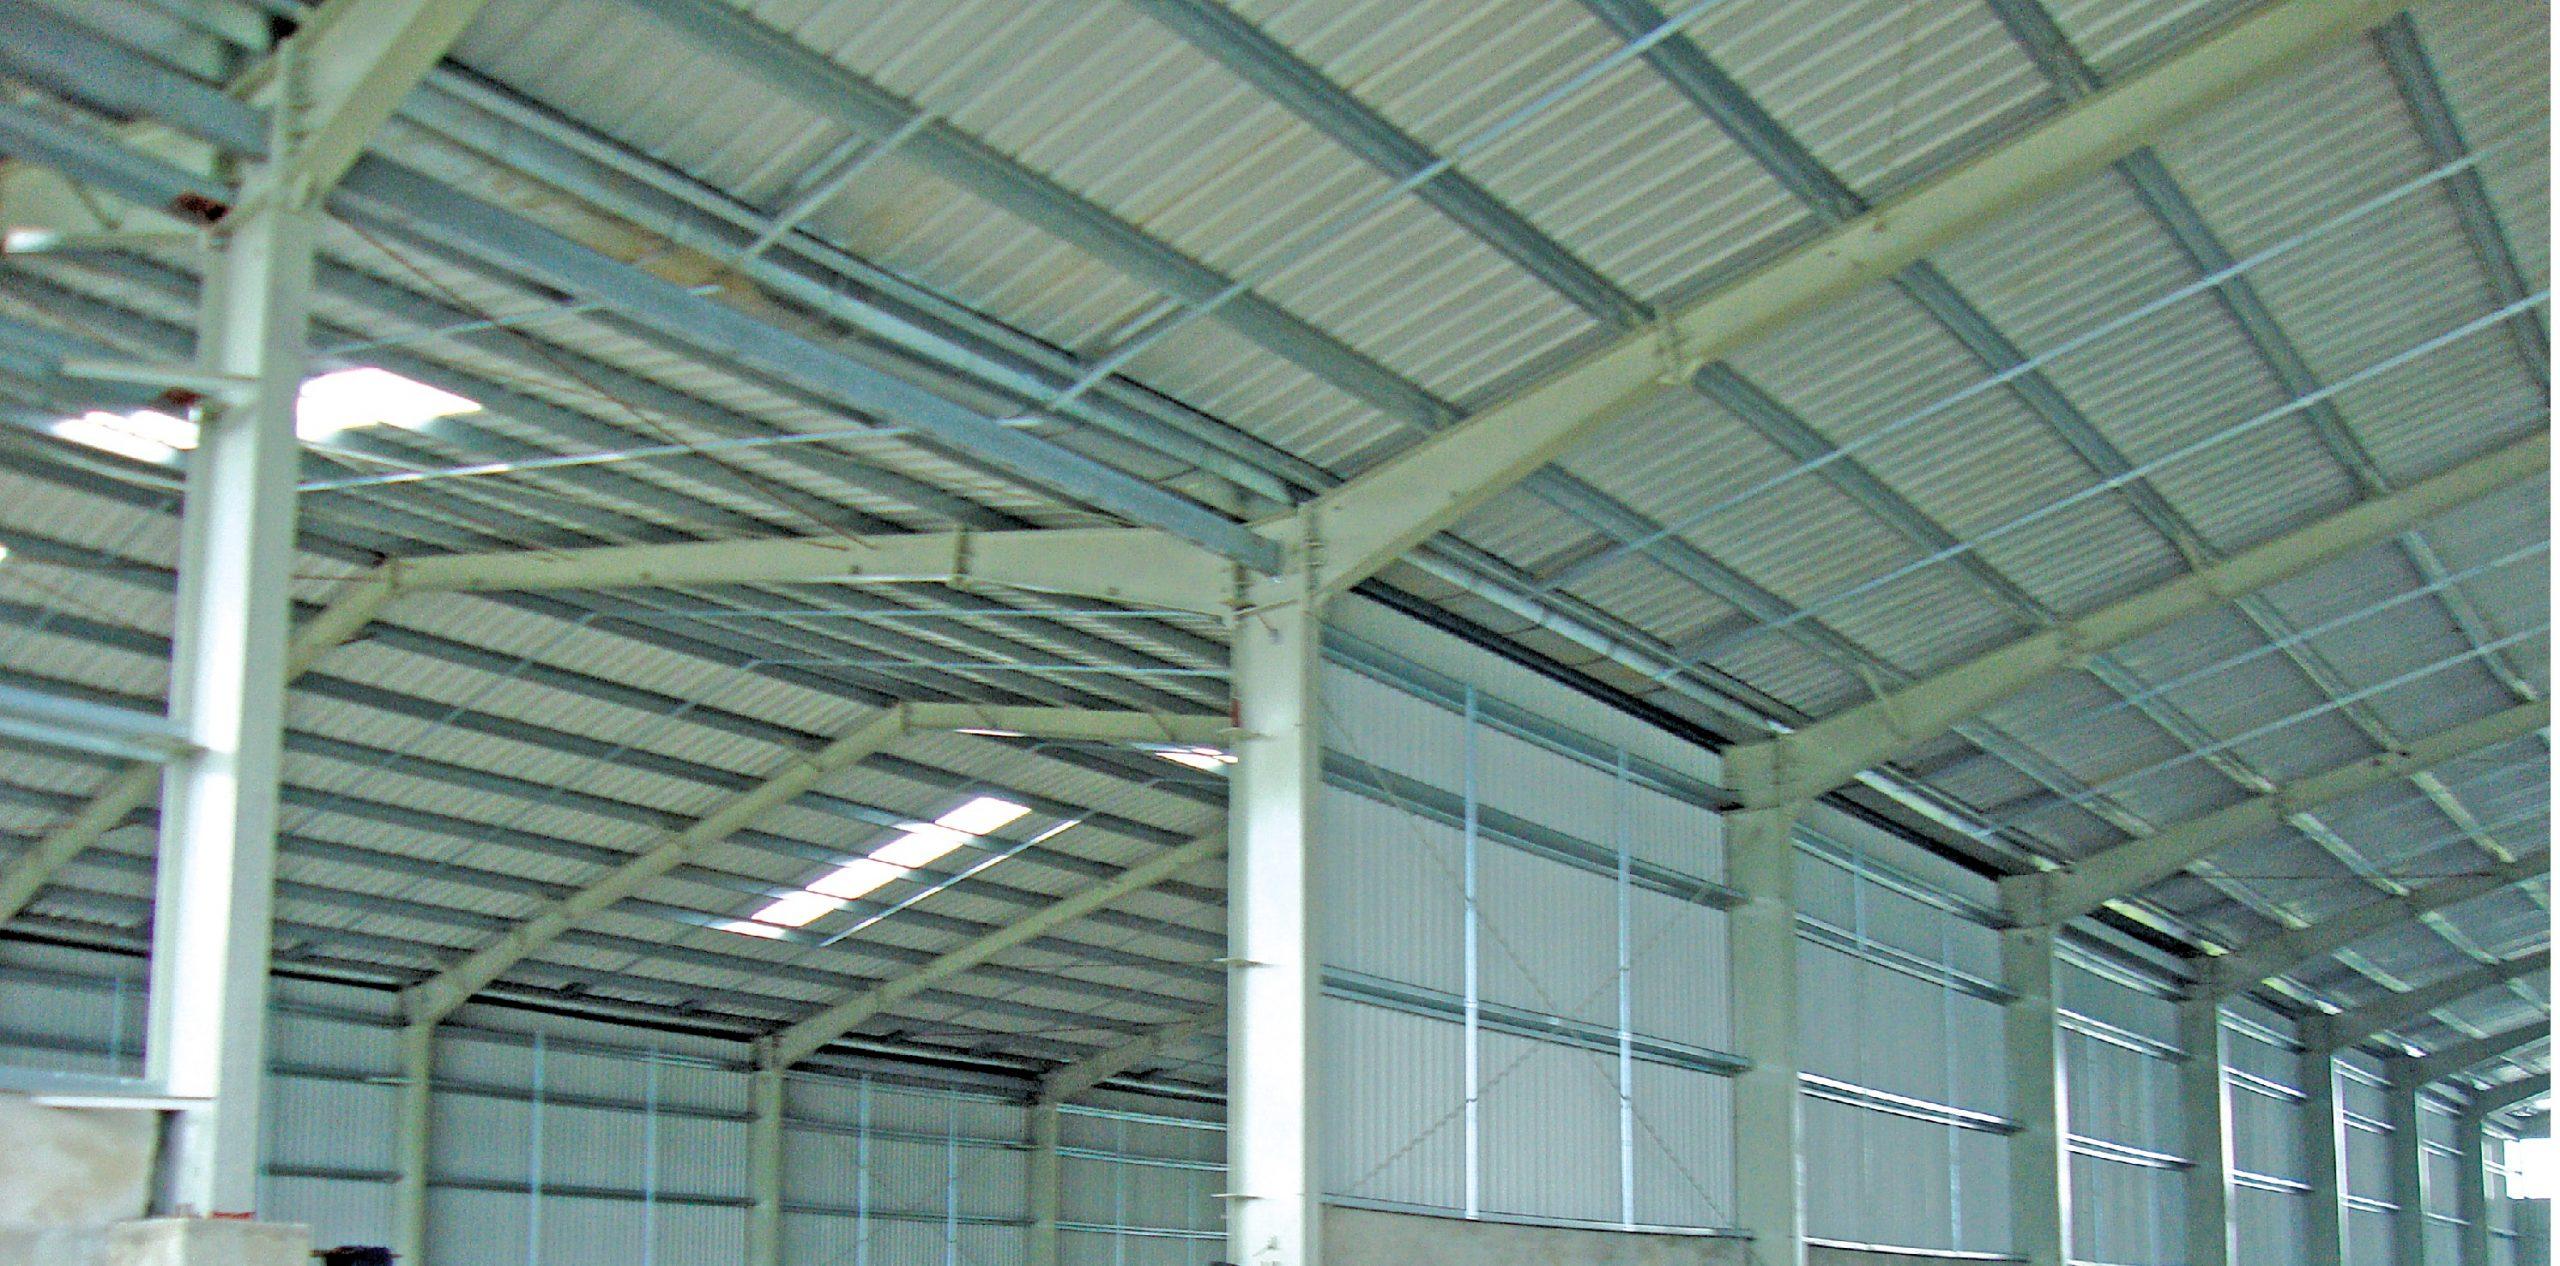 Cách khắc phục độ thô của nhà thép tiền chế (pre engineered steel buildings) - 1